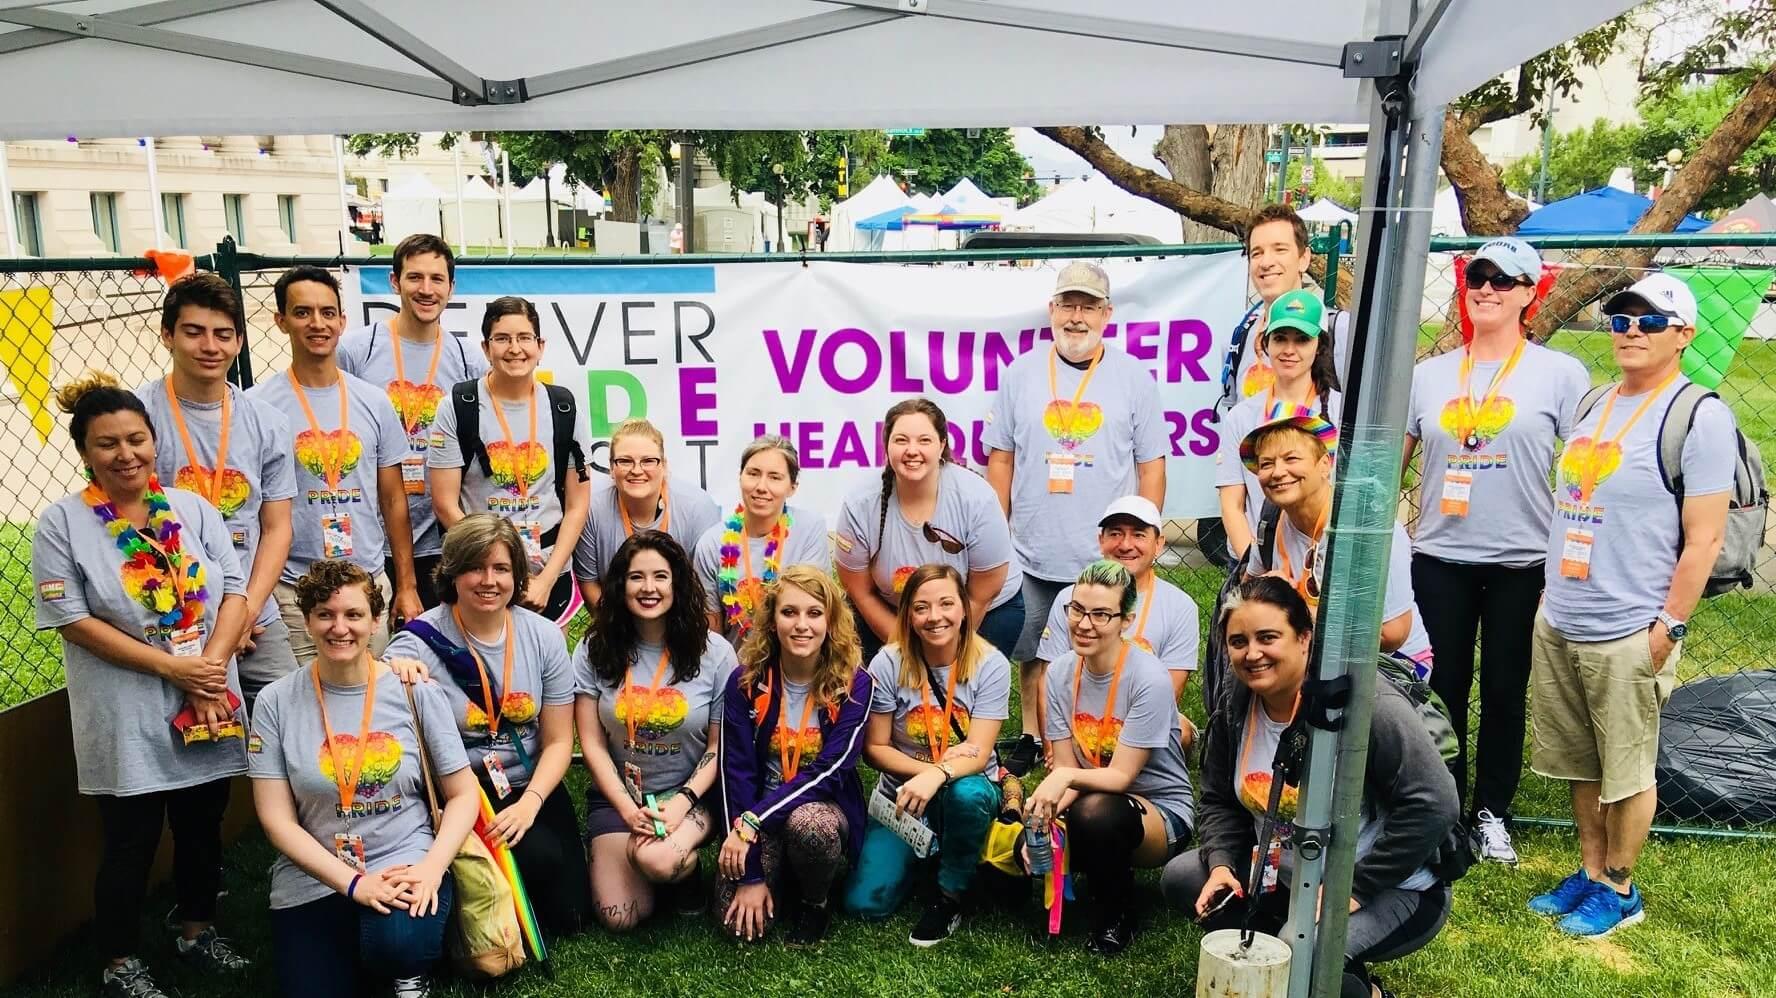 Volunteers at Denver PrideFest